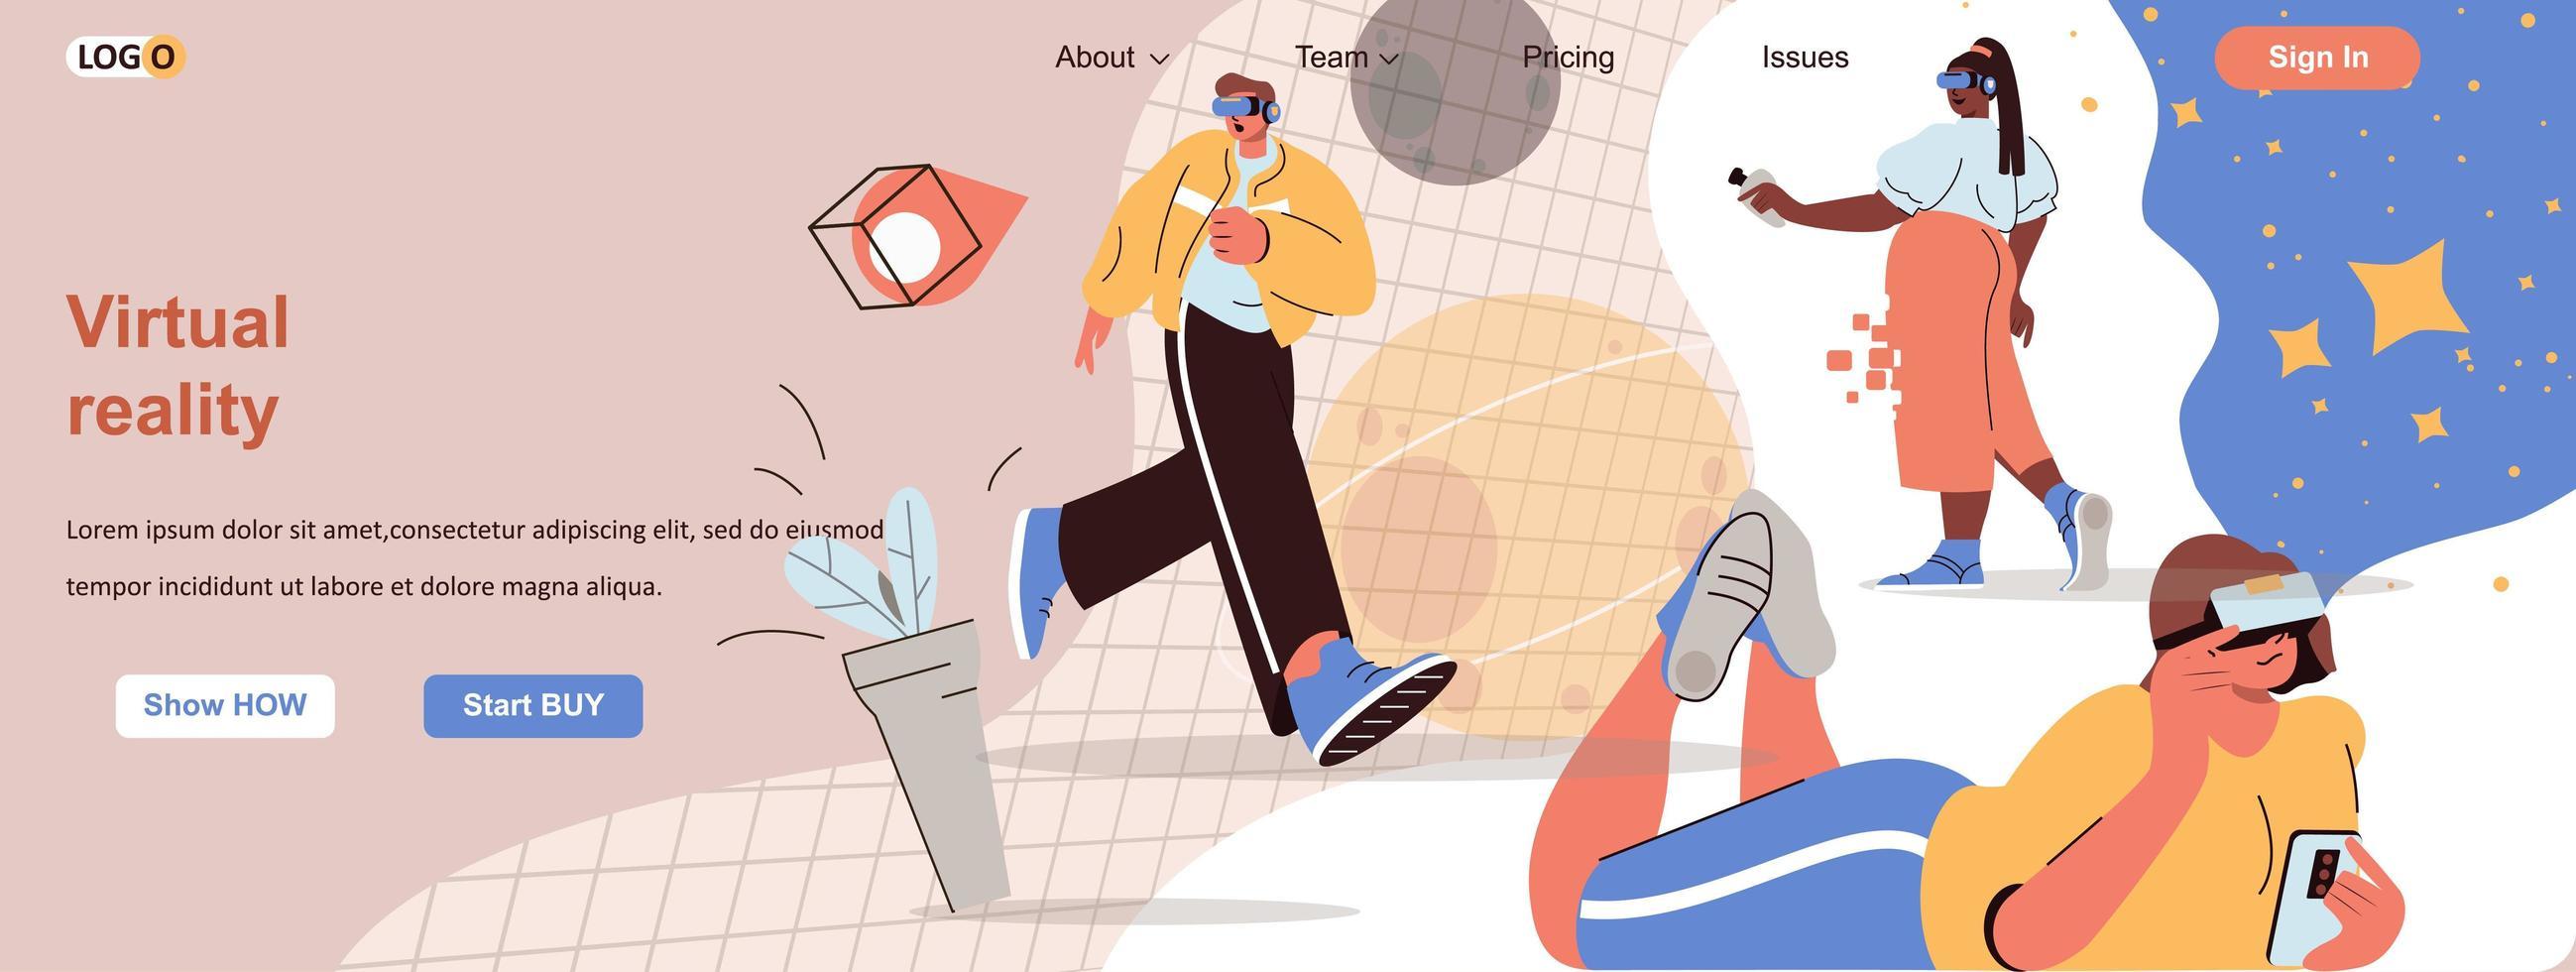 virtual reality-webbanner voor promotiemateriaal voor sociale media vector